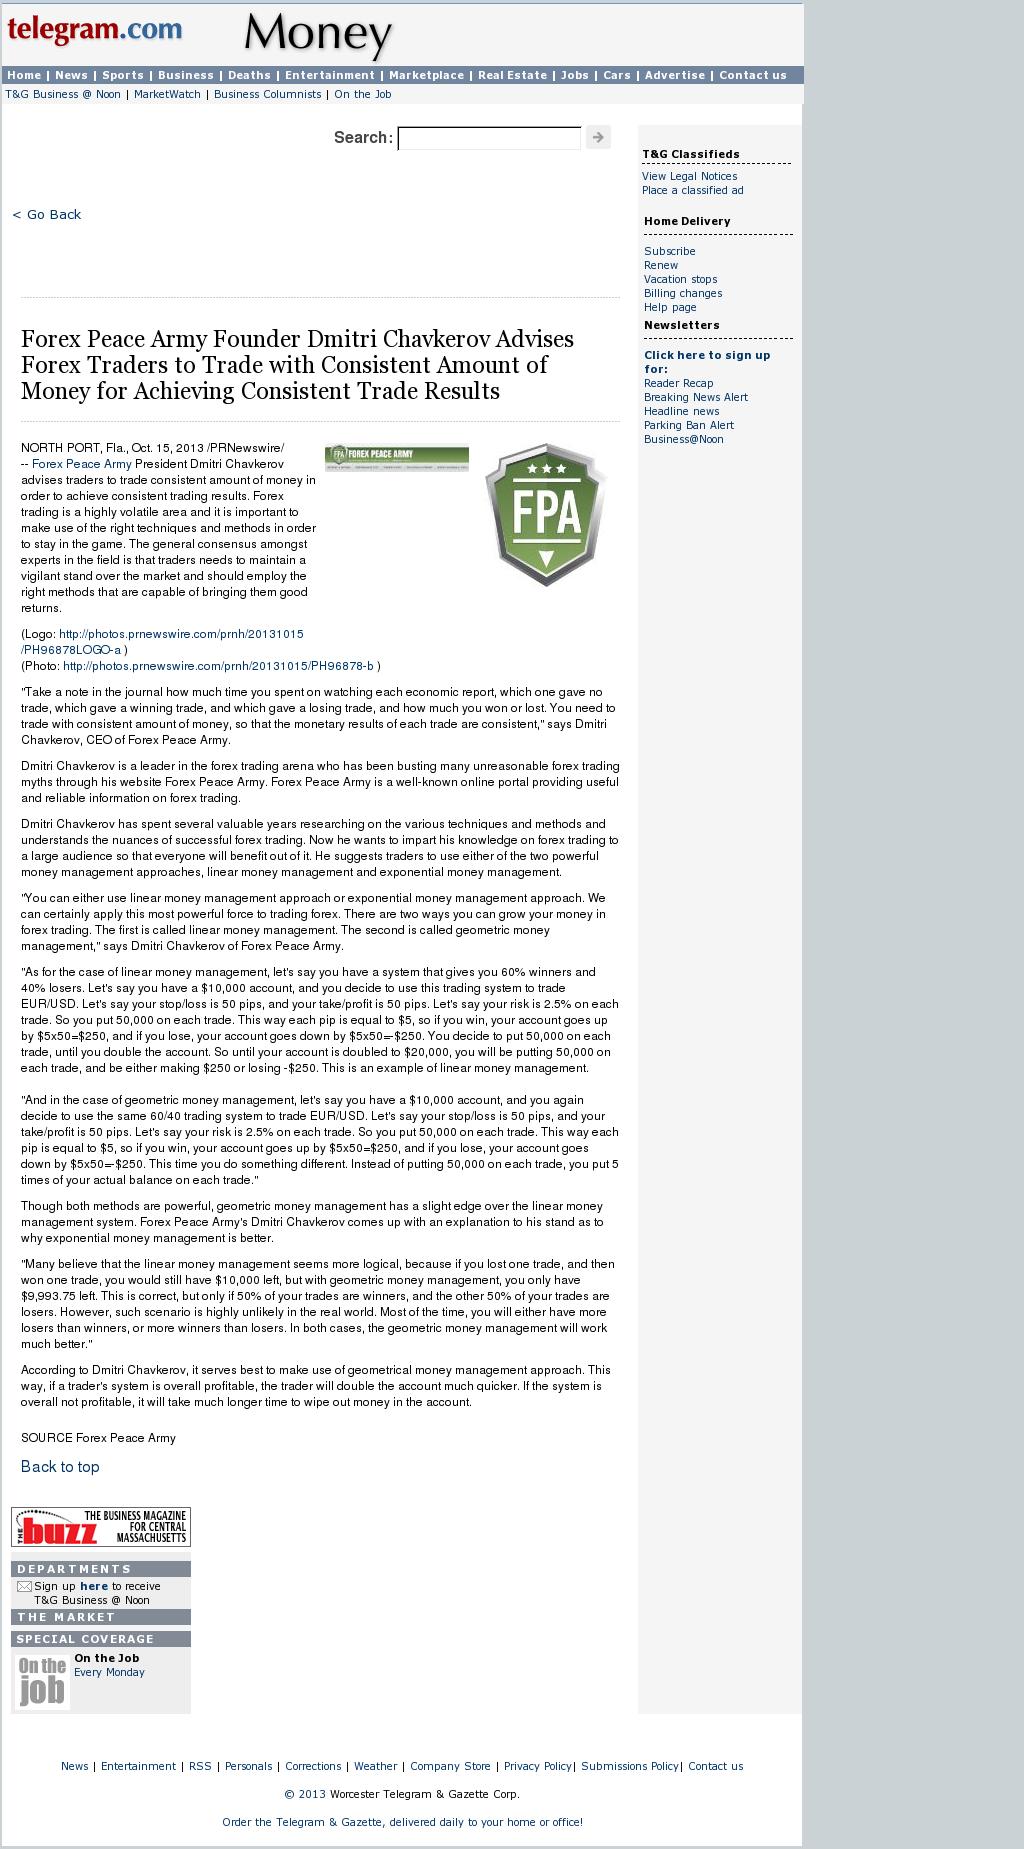 Dmitri Chavkerov - Worcester Telegram & Gazette - Consistent Money